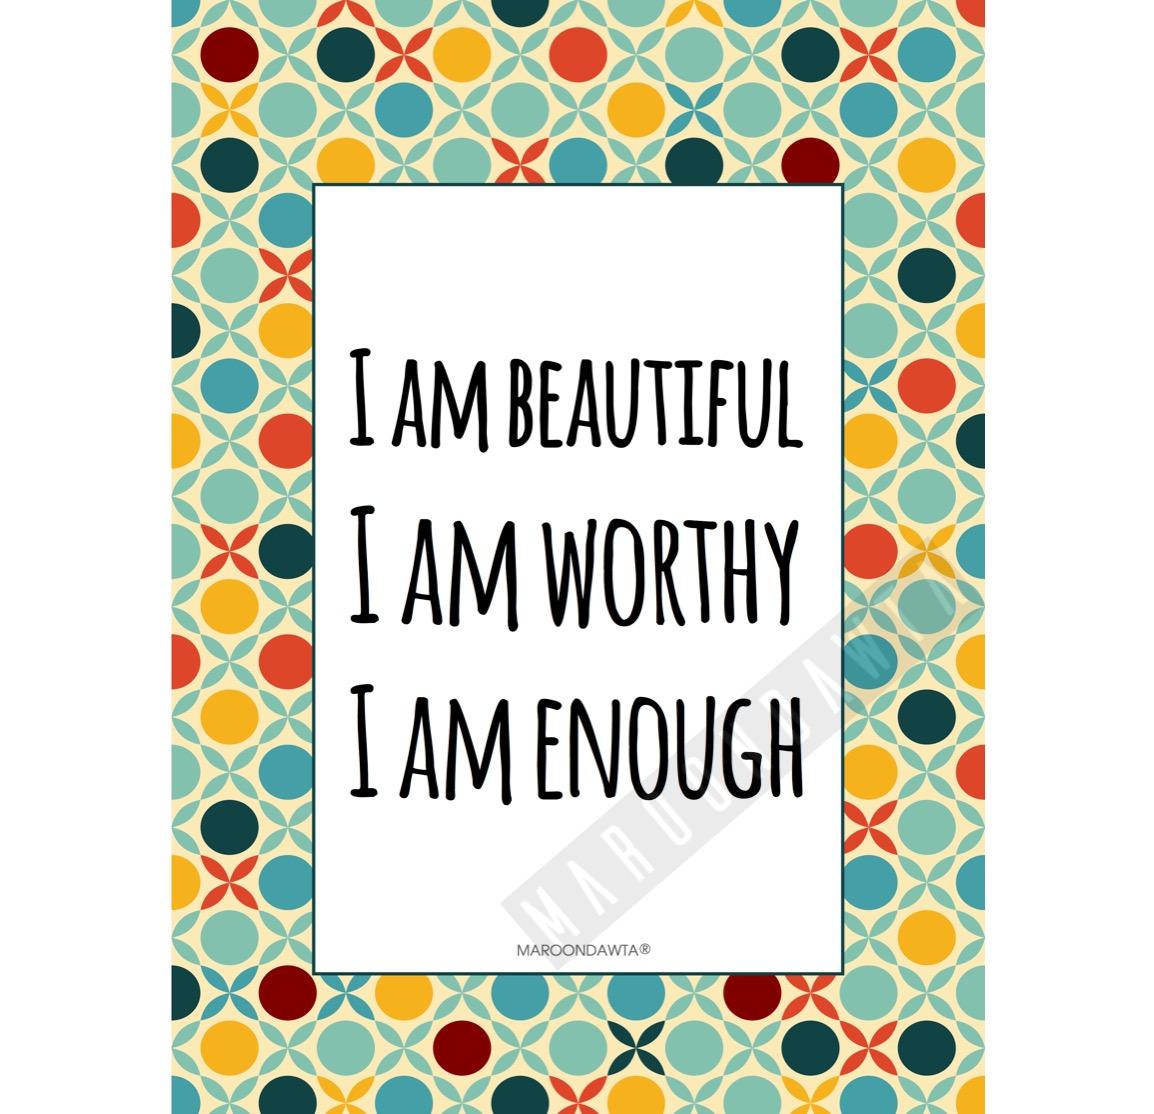 I Am Beautiful. I Am Worthy. I Am Enough.